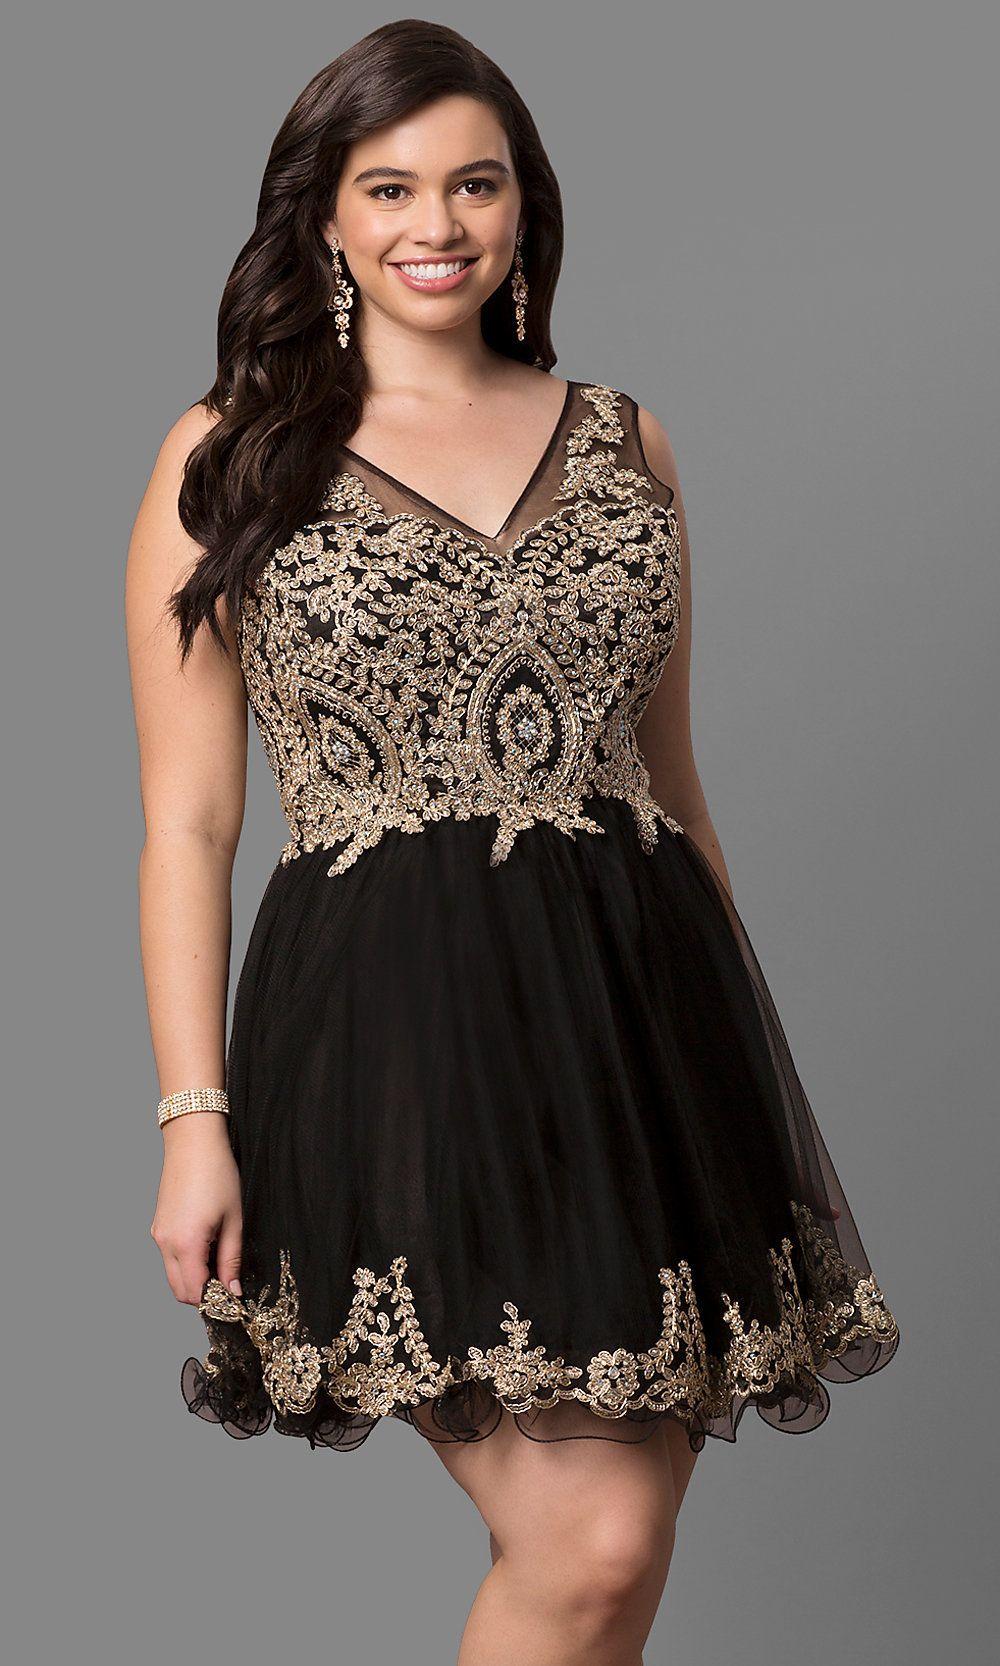 best prom dress for short girl